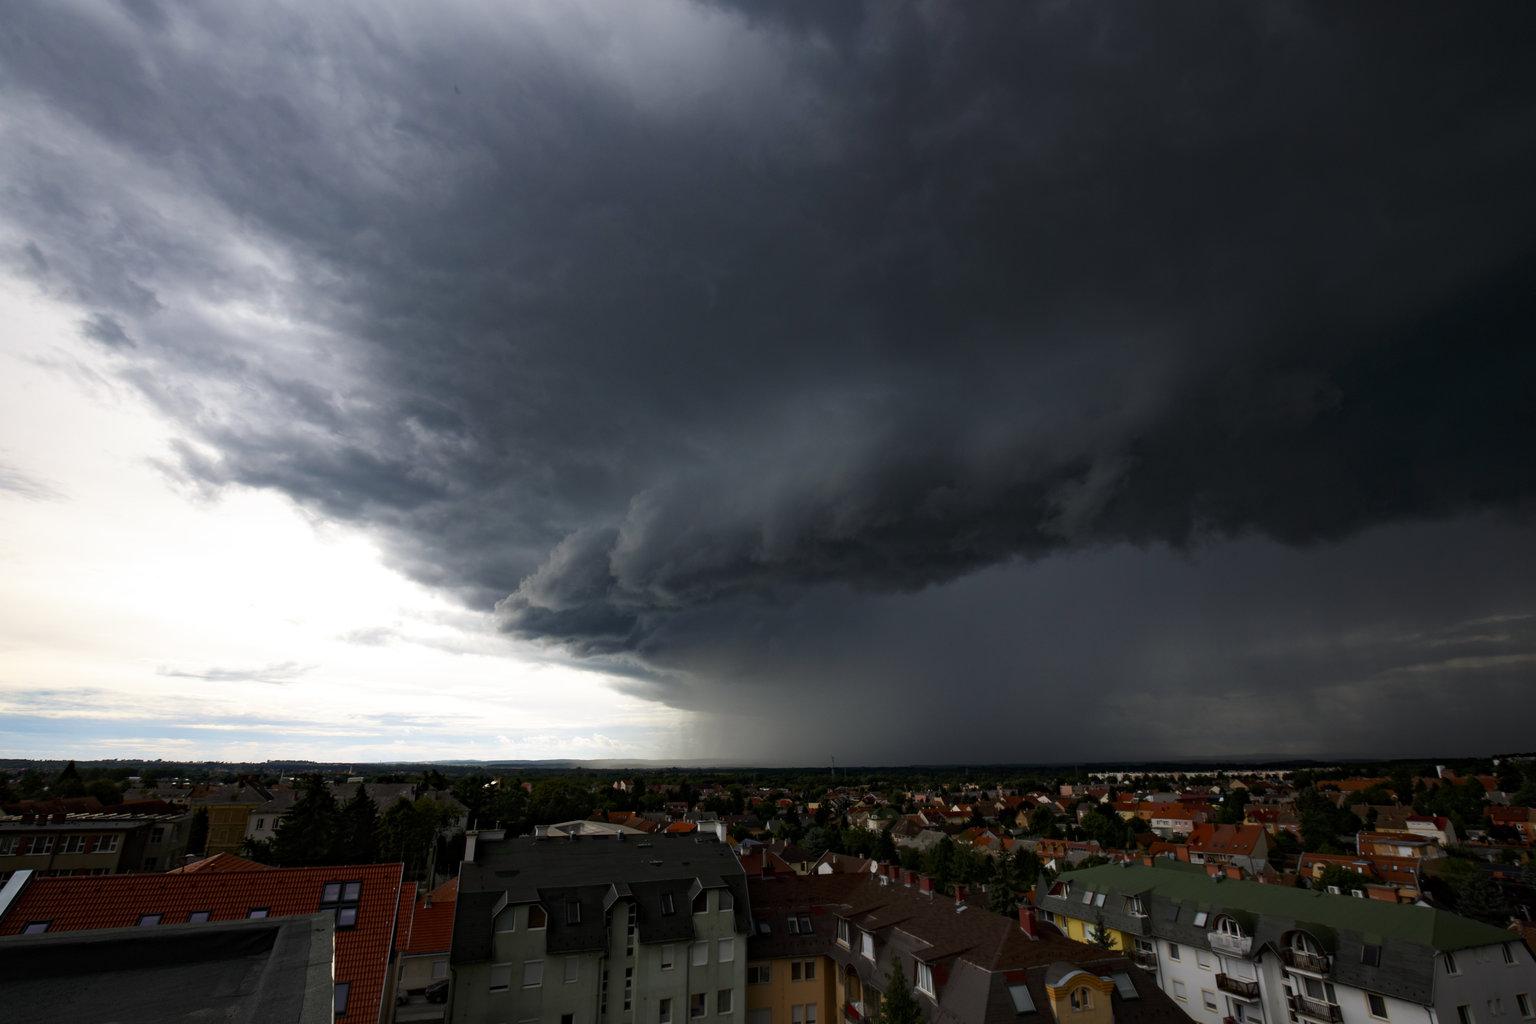 Viharfelhő Nagykanizsa felett 2019. július 13-án. MTI/Varga György